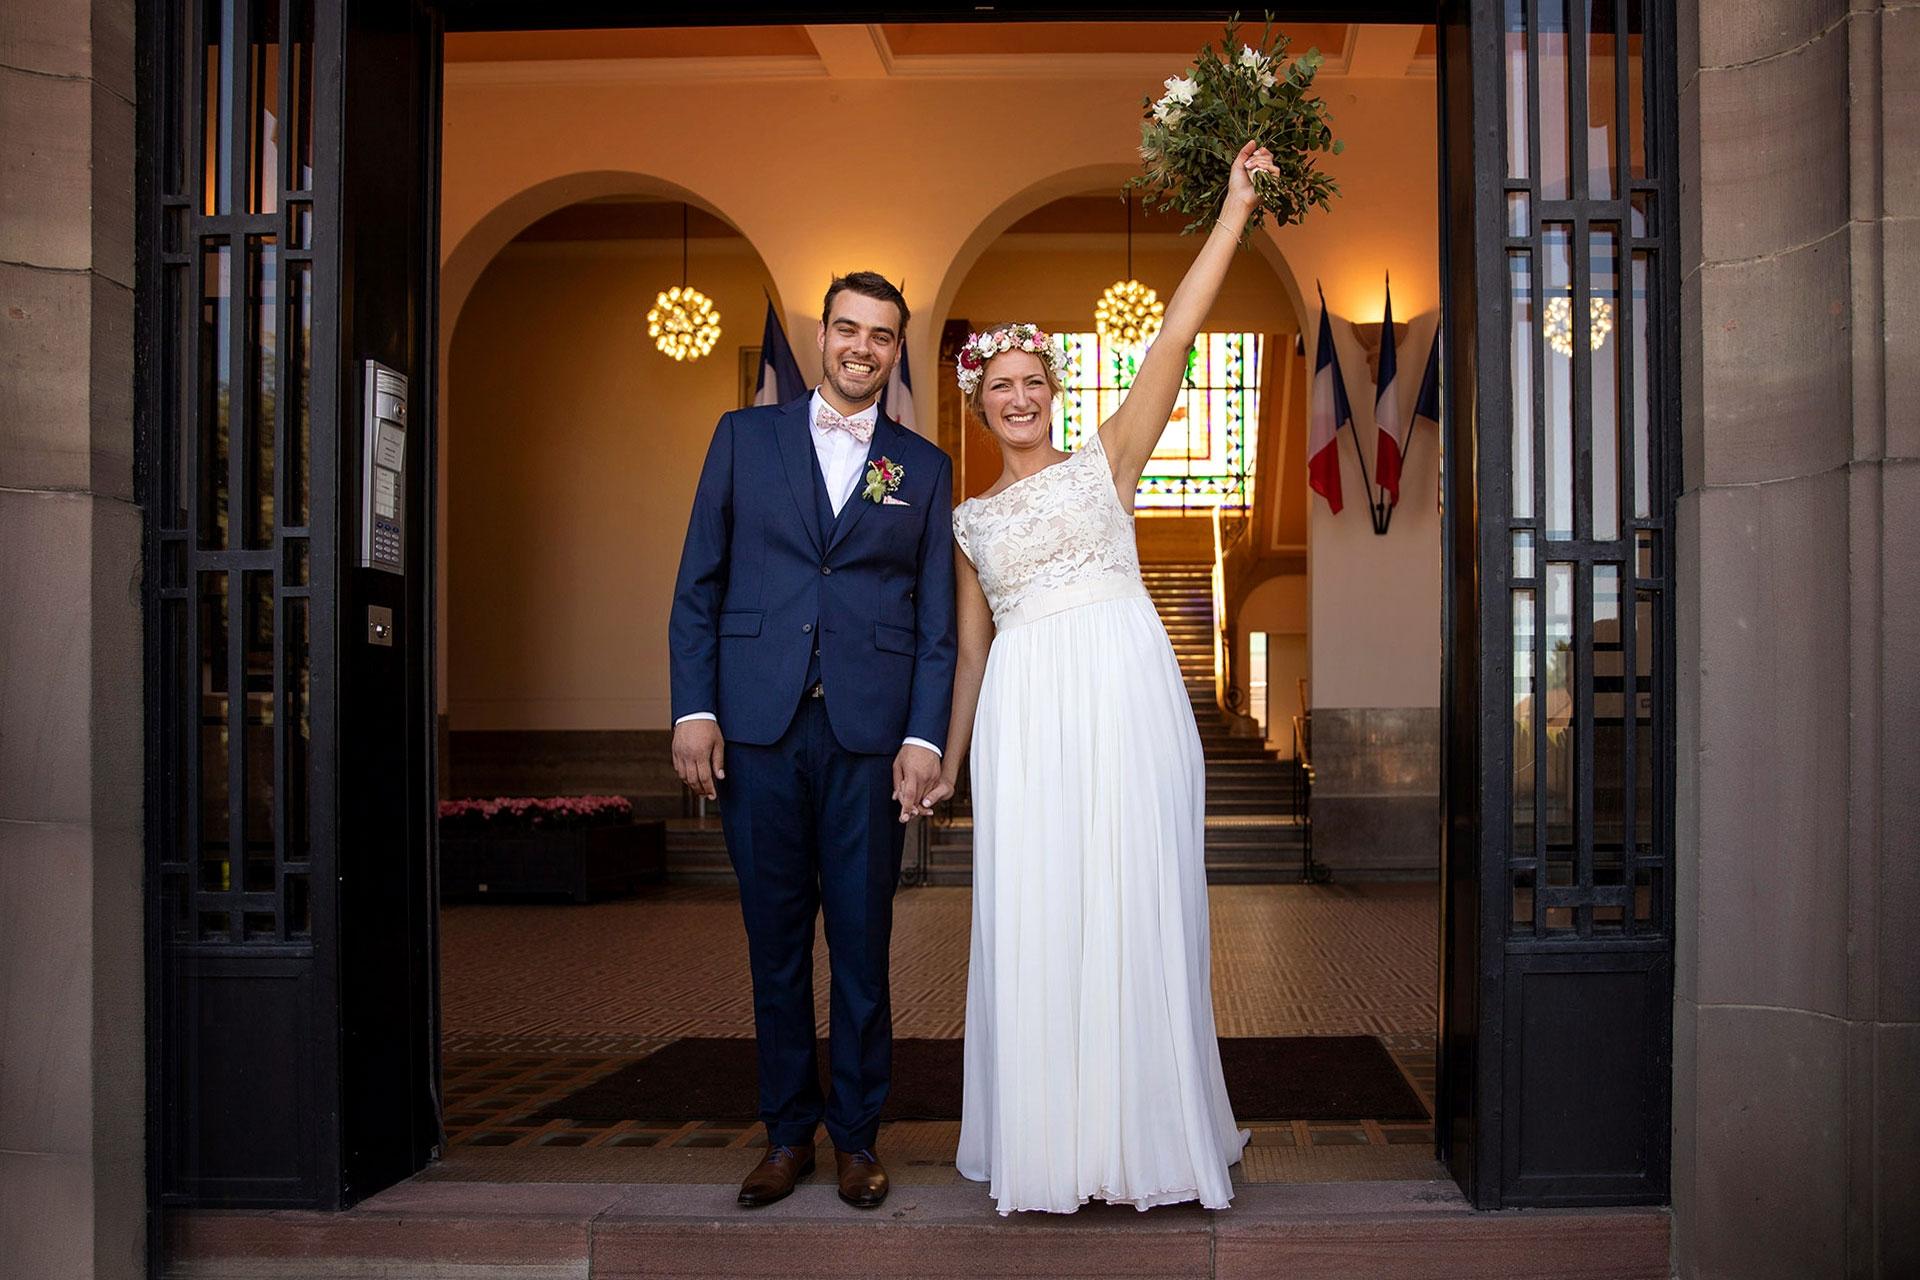 mariage-aurore-bastien-052